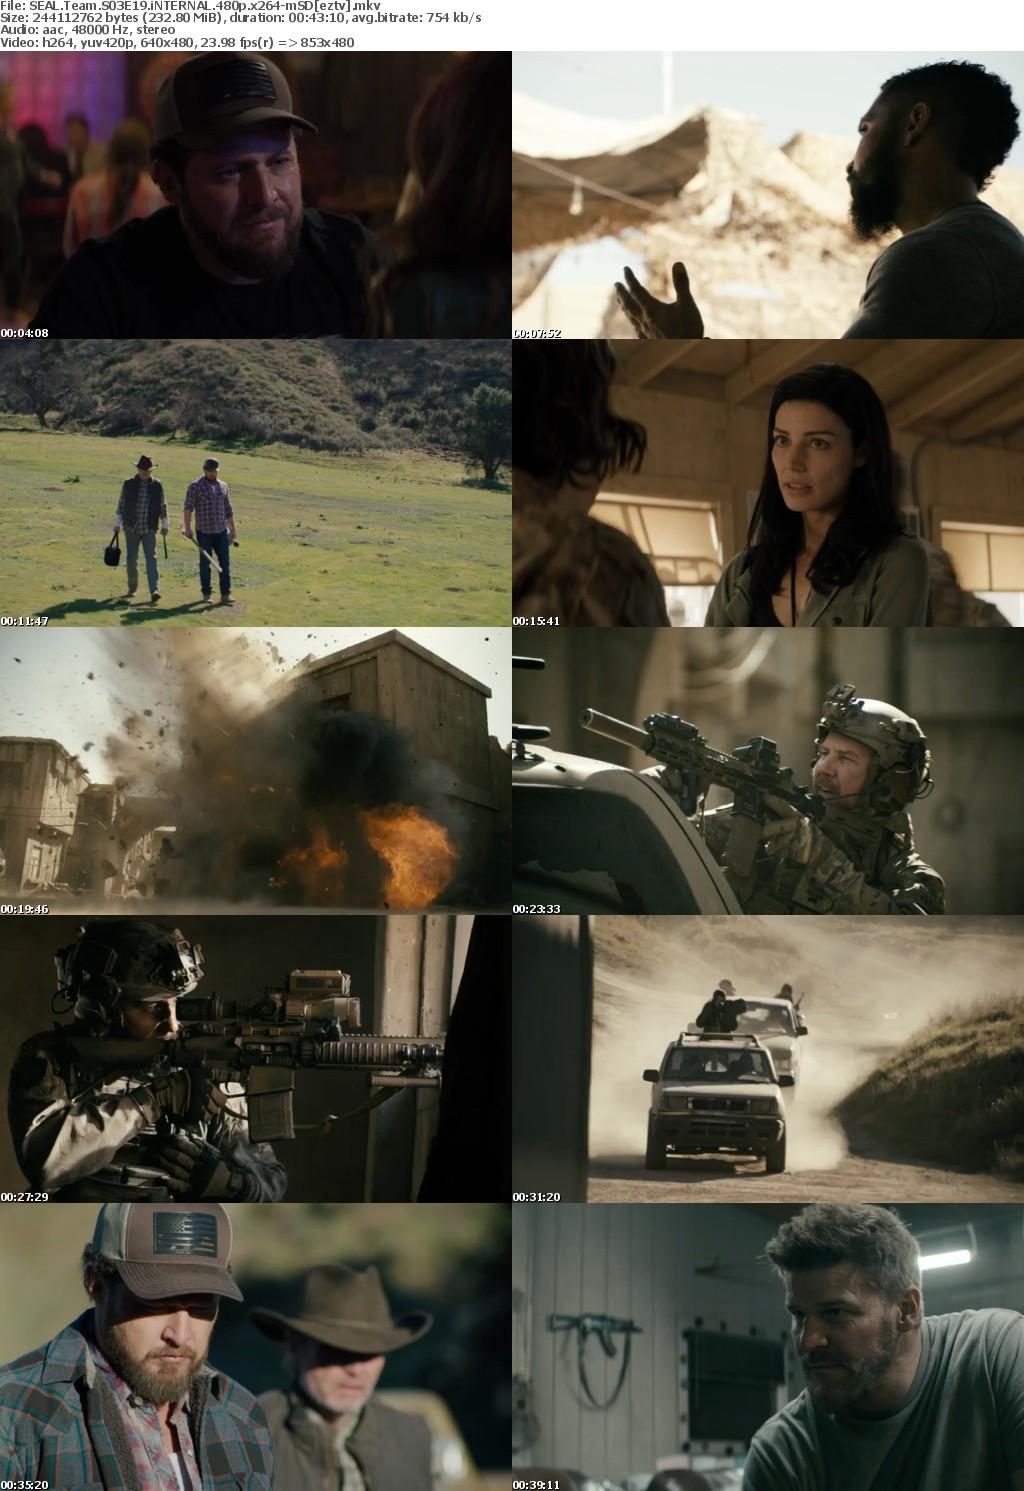 SEAL Team S03E19 iNTERNAL 480p x264-mSD